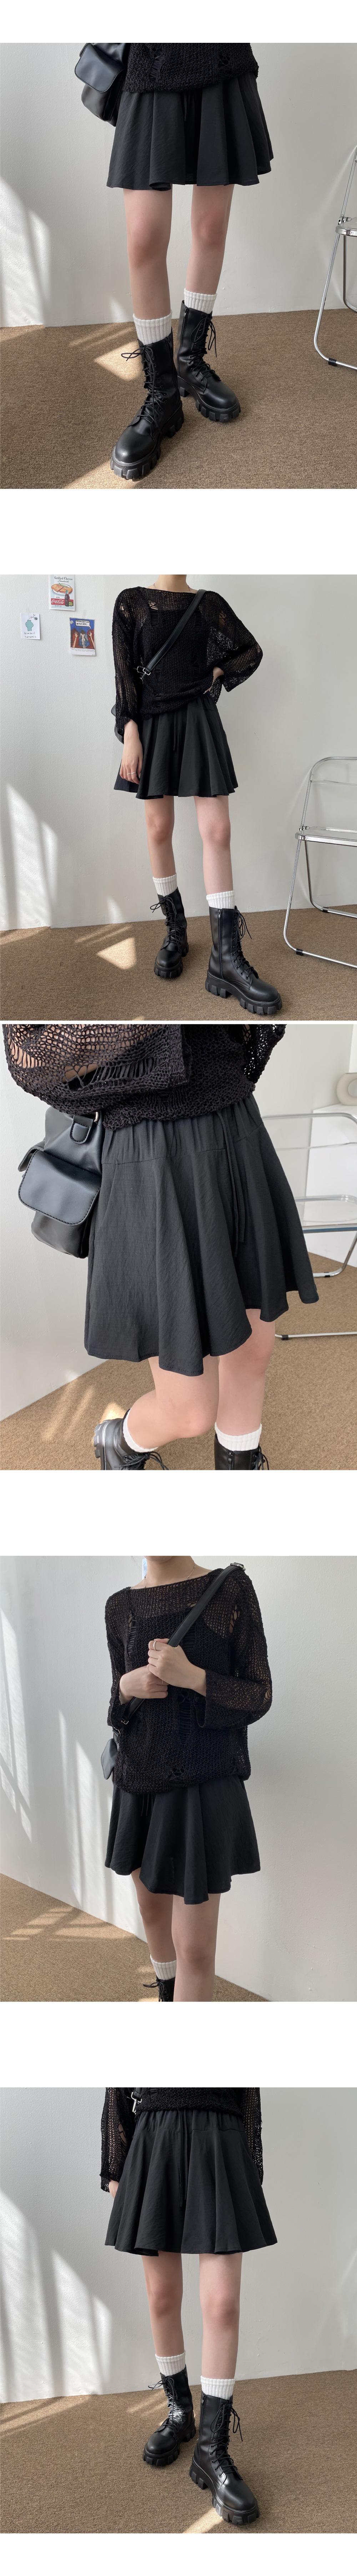 Smog basic flared skirt